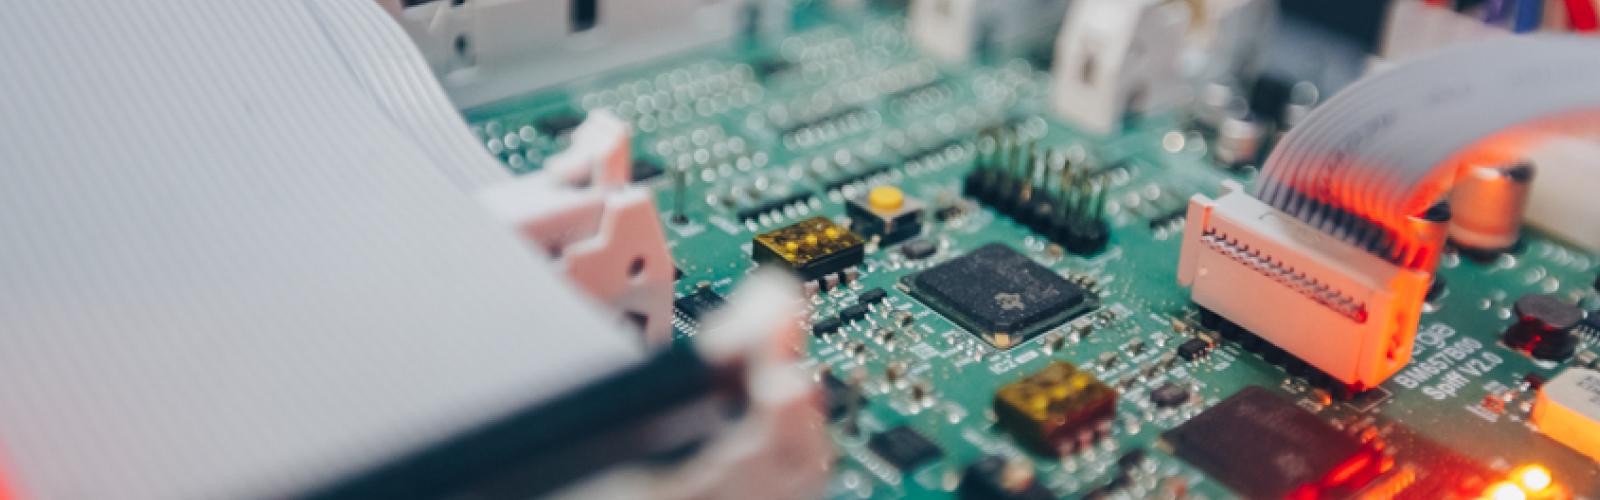 diseño equipos electrónica potencia Cinergia Barcelona